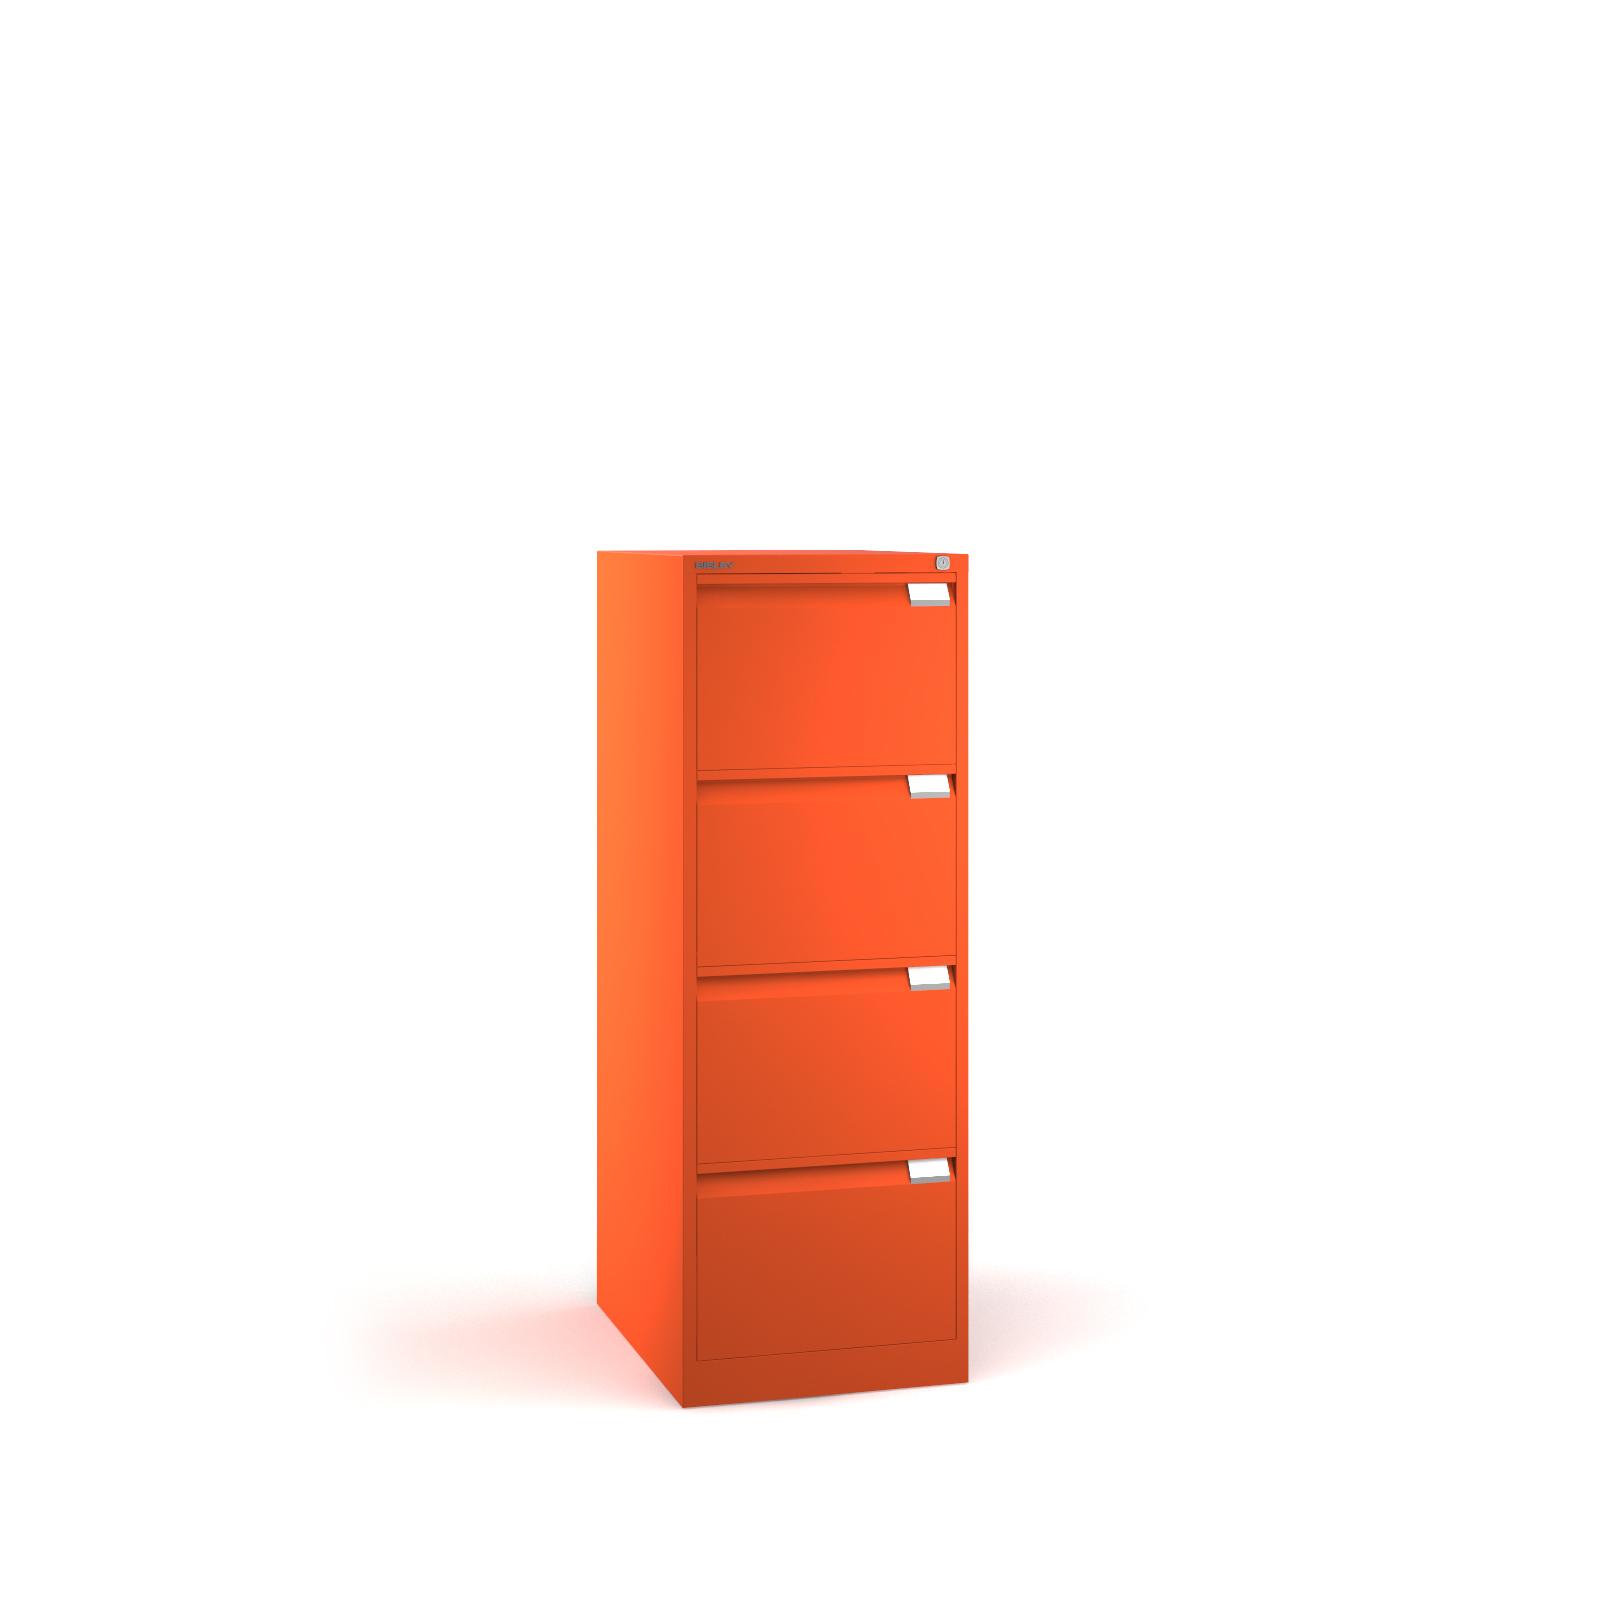 Bisley 4 Drawer Bs Filing Cabinet 1321mm Orange